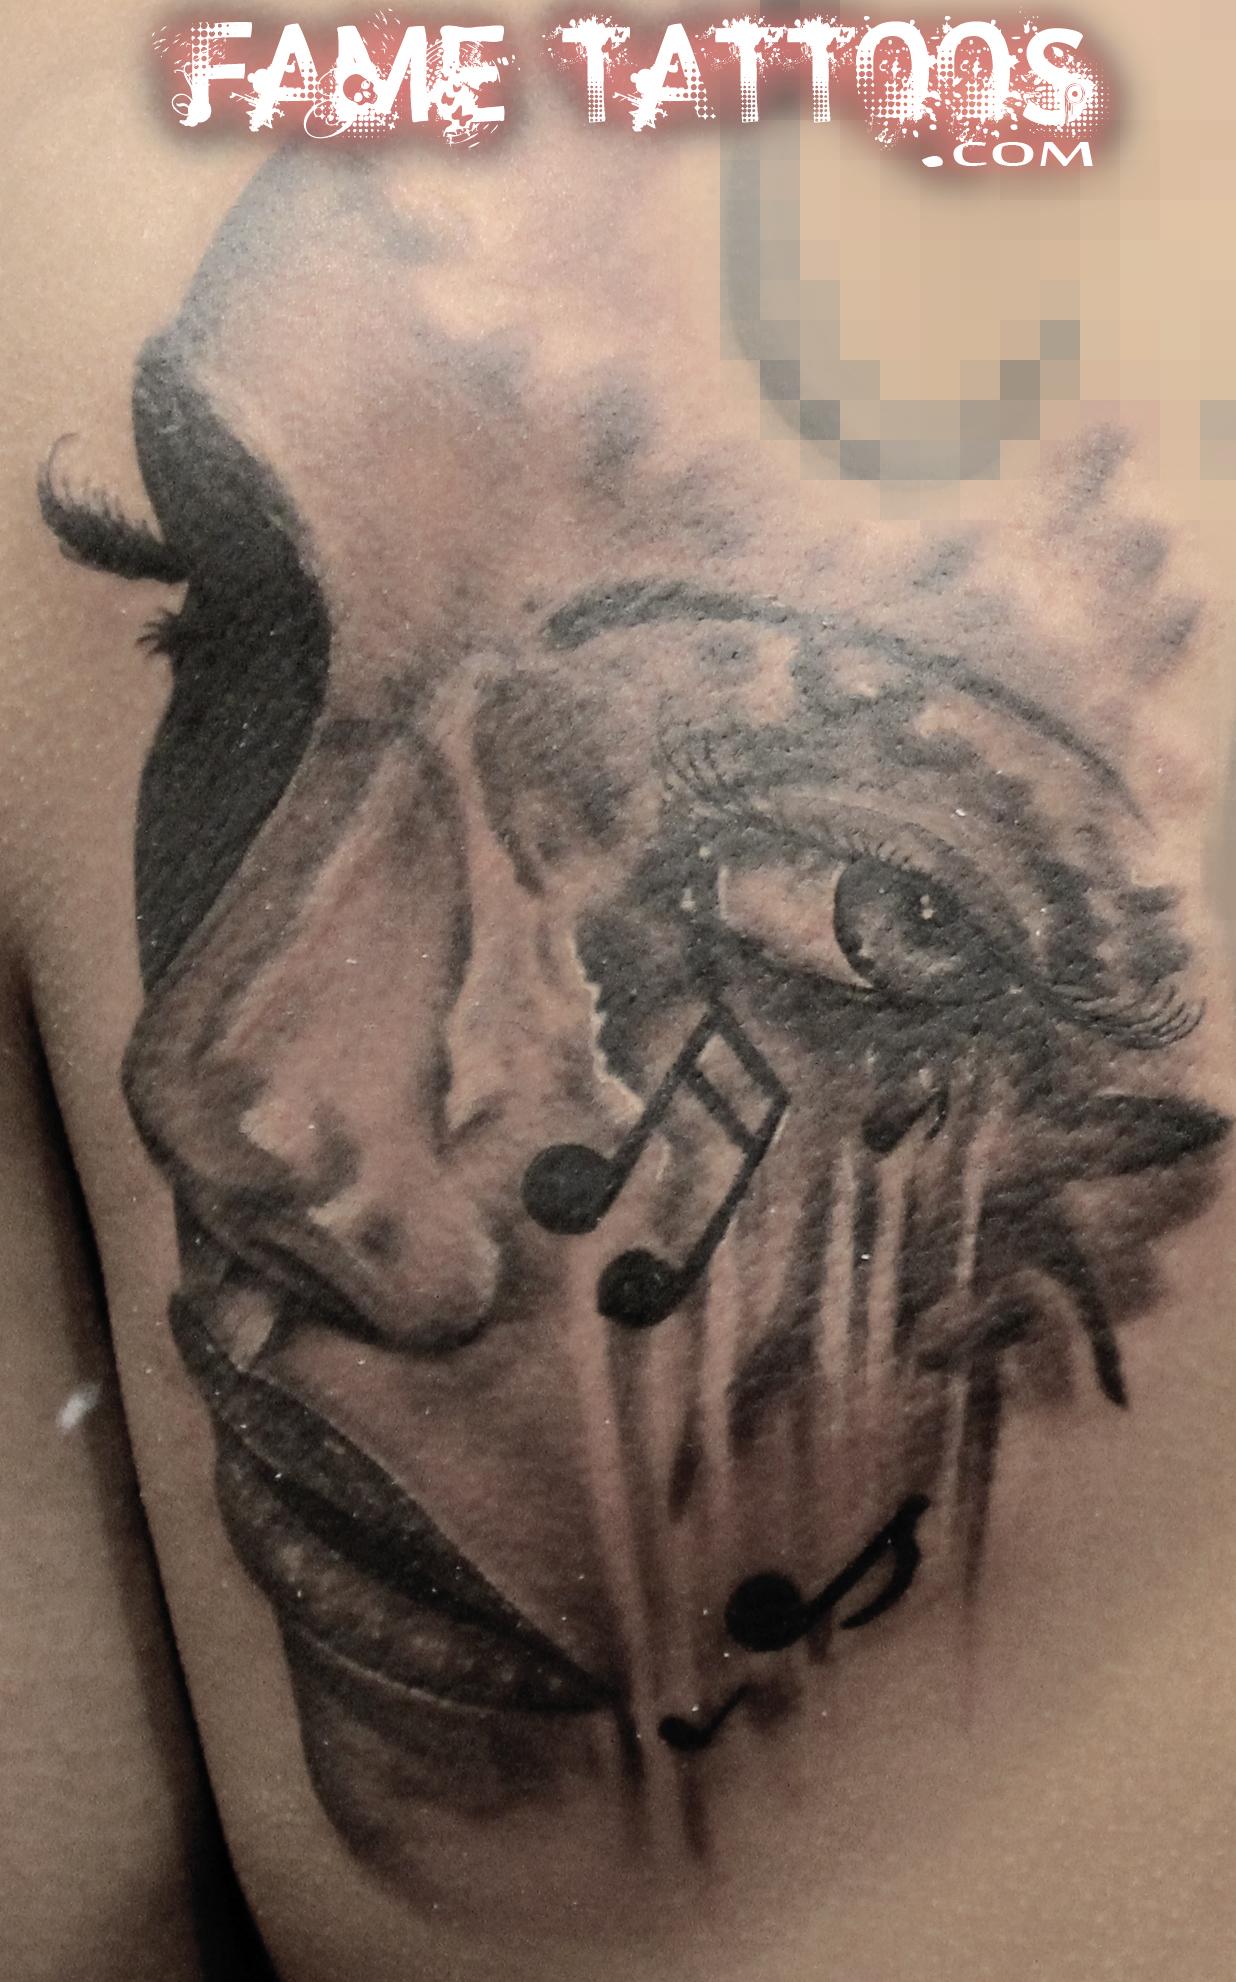 Fame tattoos best tattoo artist in miami miami tattoo shops for Best tattoo artist in florida